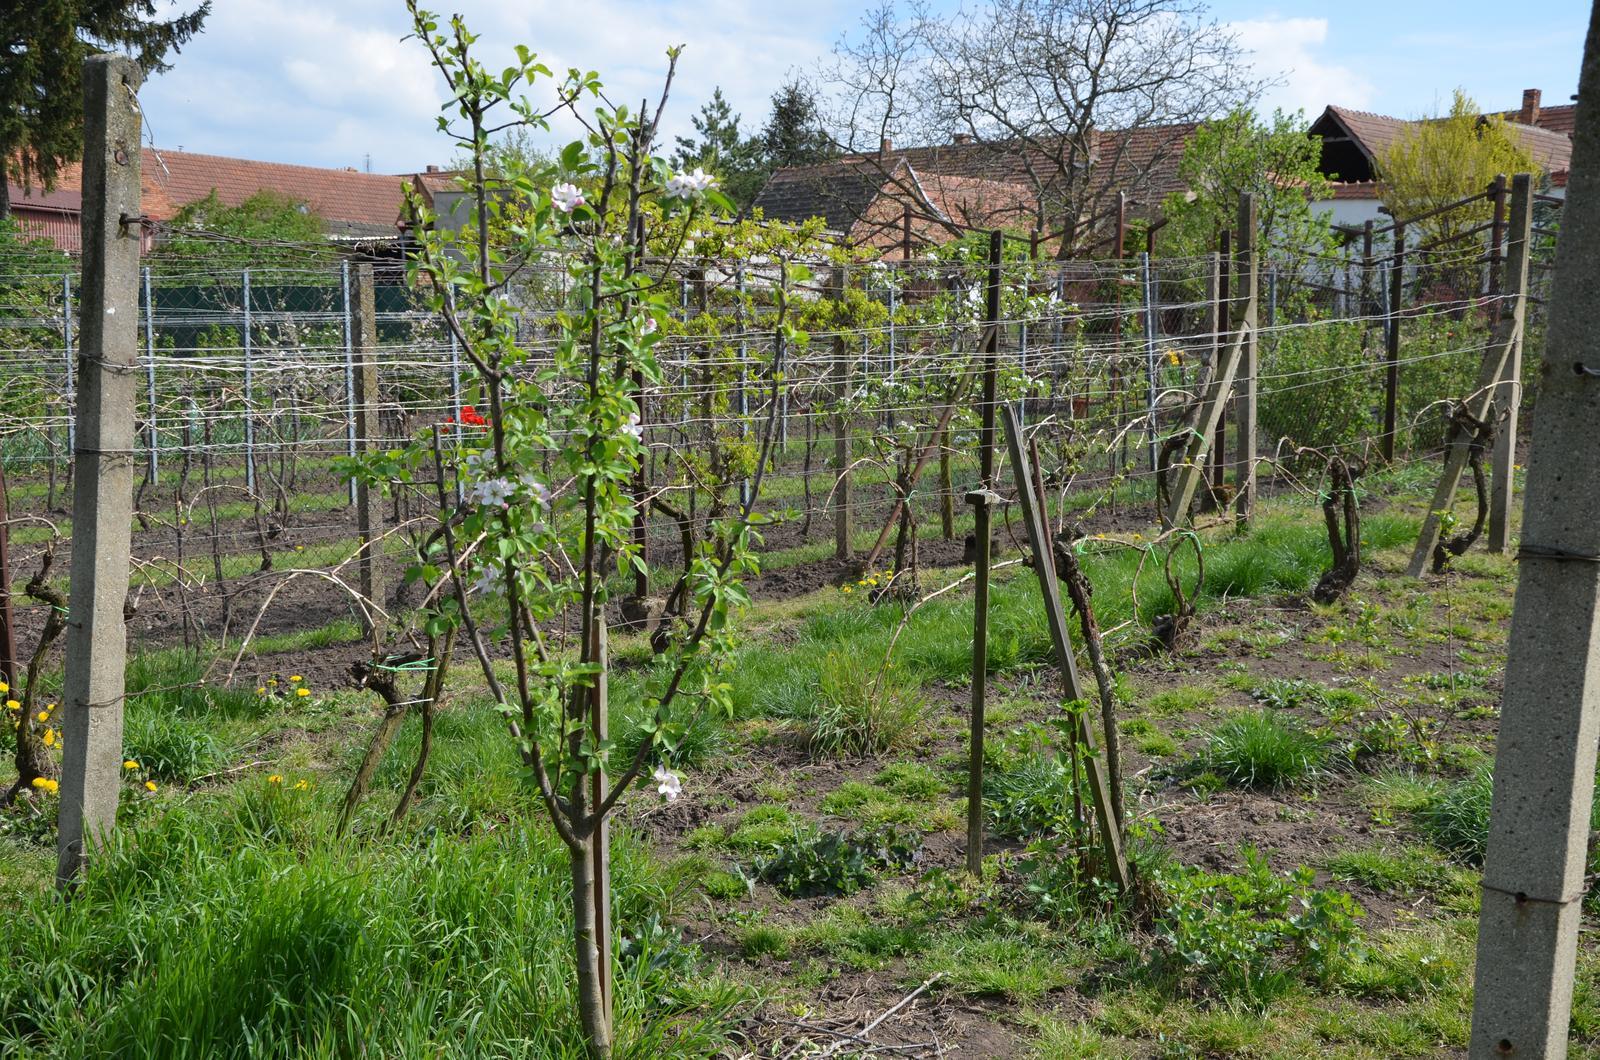 Vysněná zahrada... - dva a dva řádky, mezi nimi malá jabloň a zdechlý angrešt...uvidíme, jestli plodí či ne